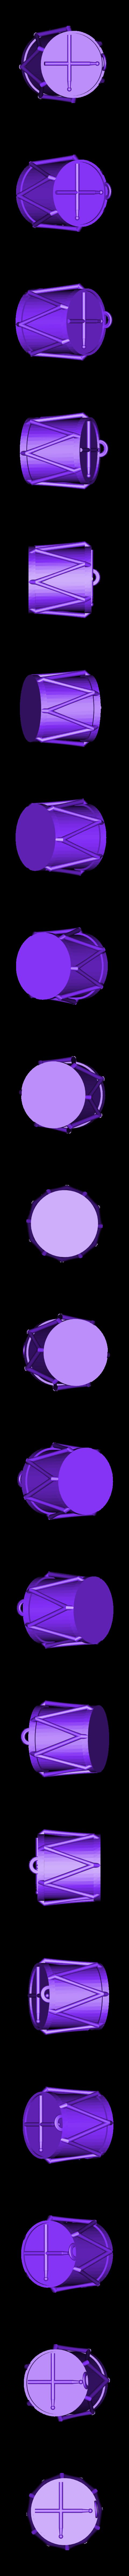 Drum_Ornament.STL Télécharger fichier STL gratuit Ornement de tambour • Plan à imprimer en 3D, Girthnath